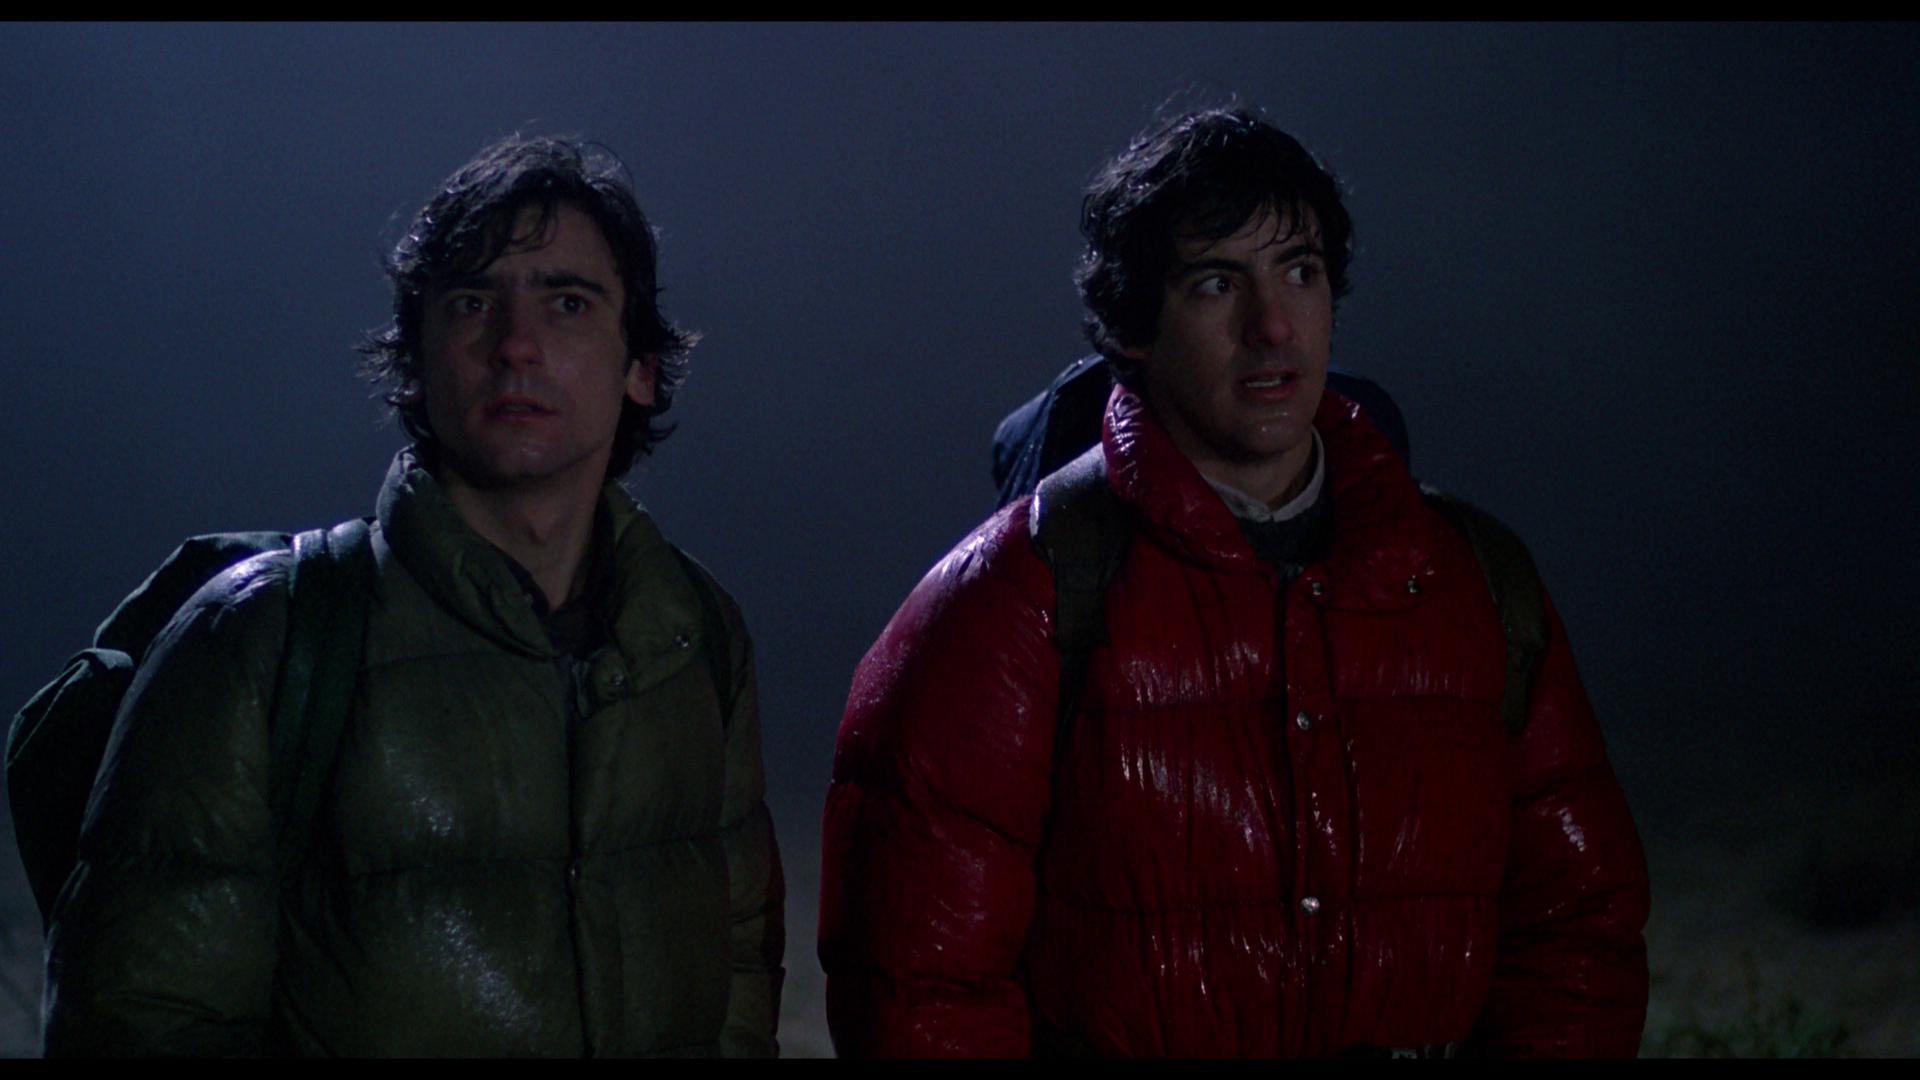 jack e david un lupo mannaro americano a londra